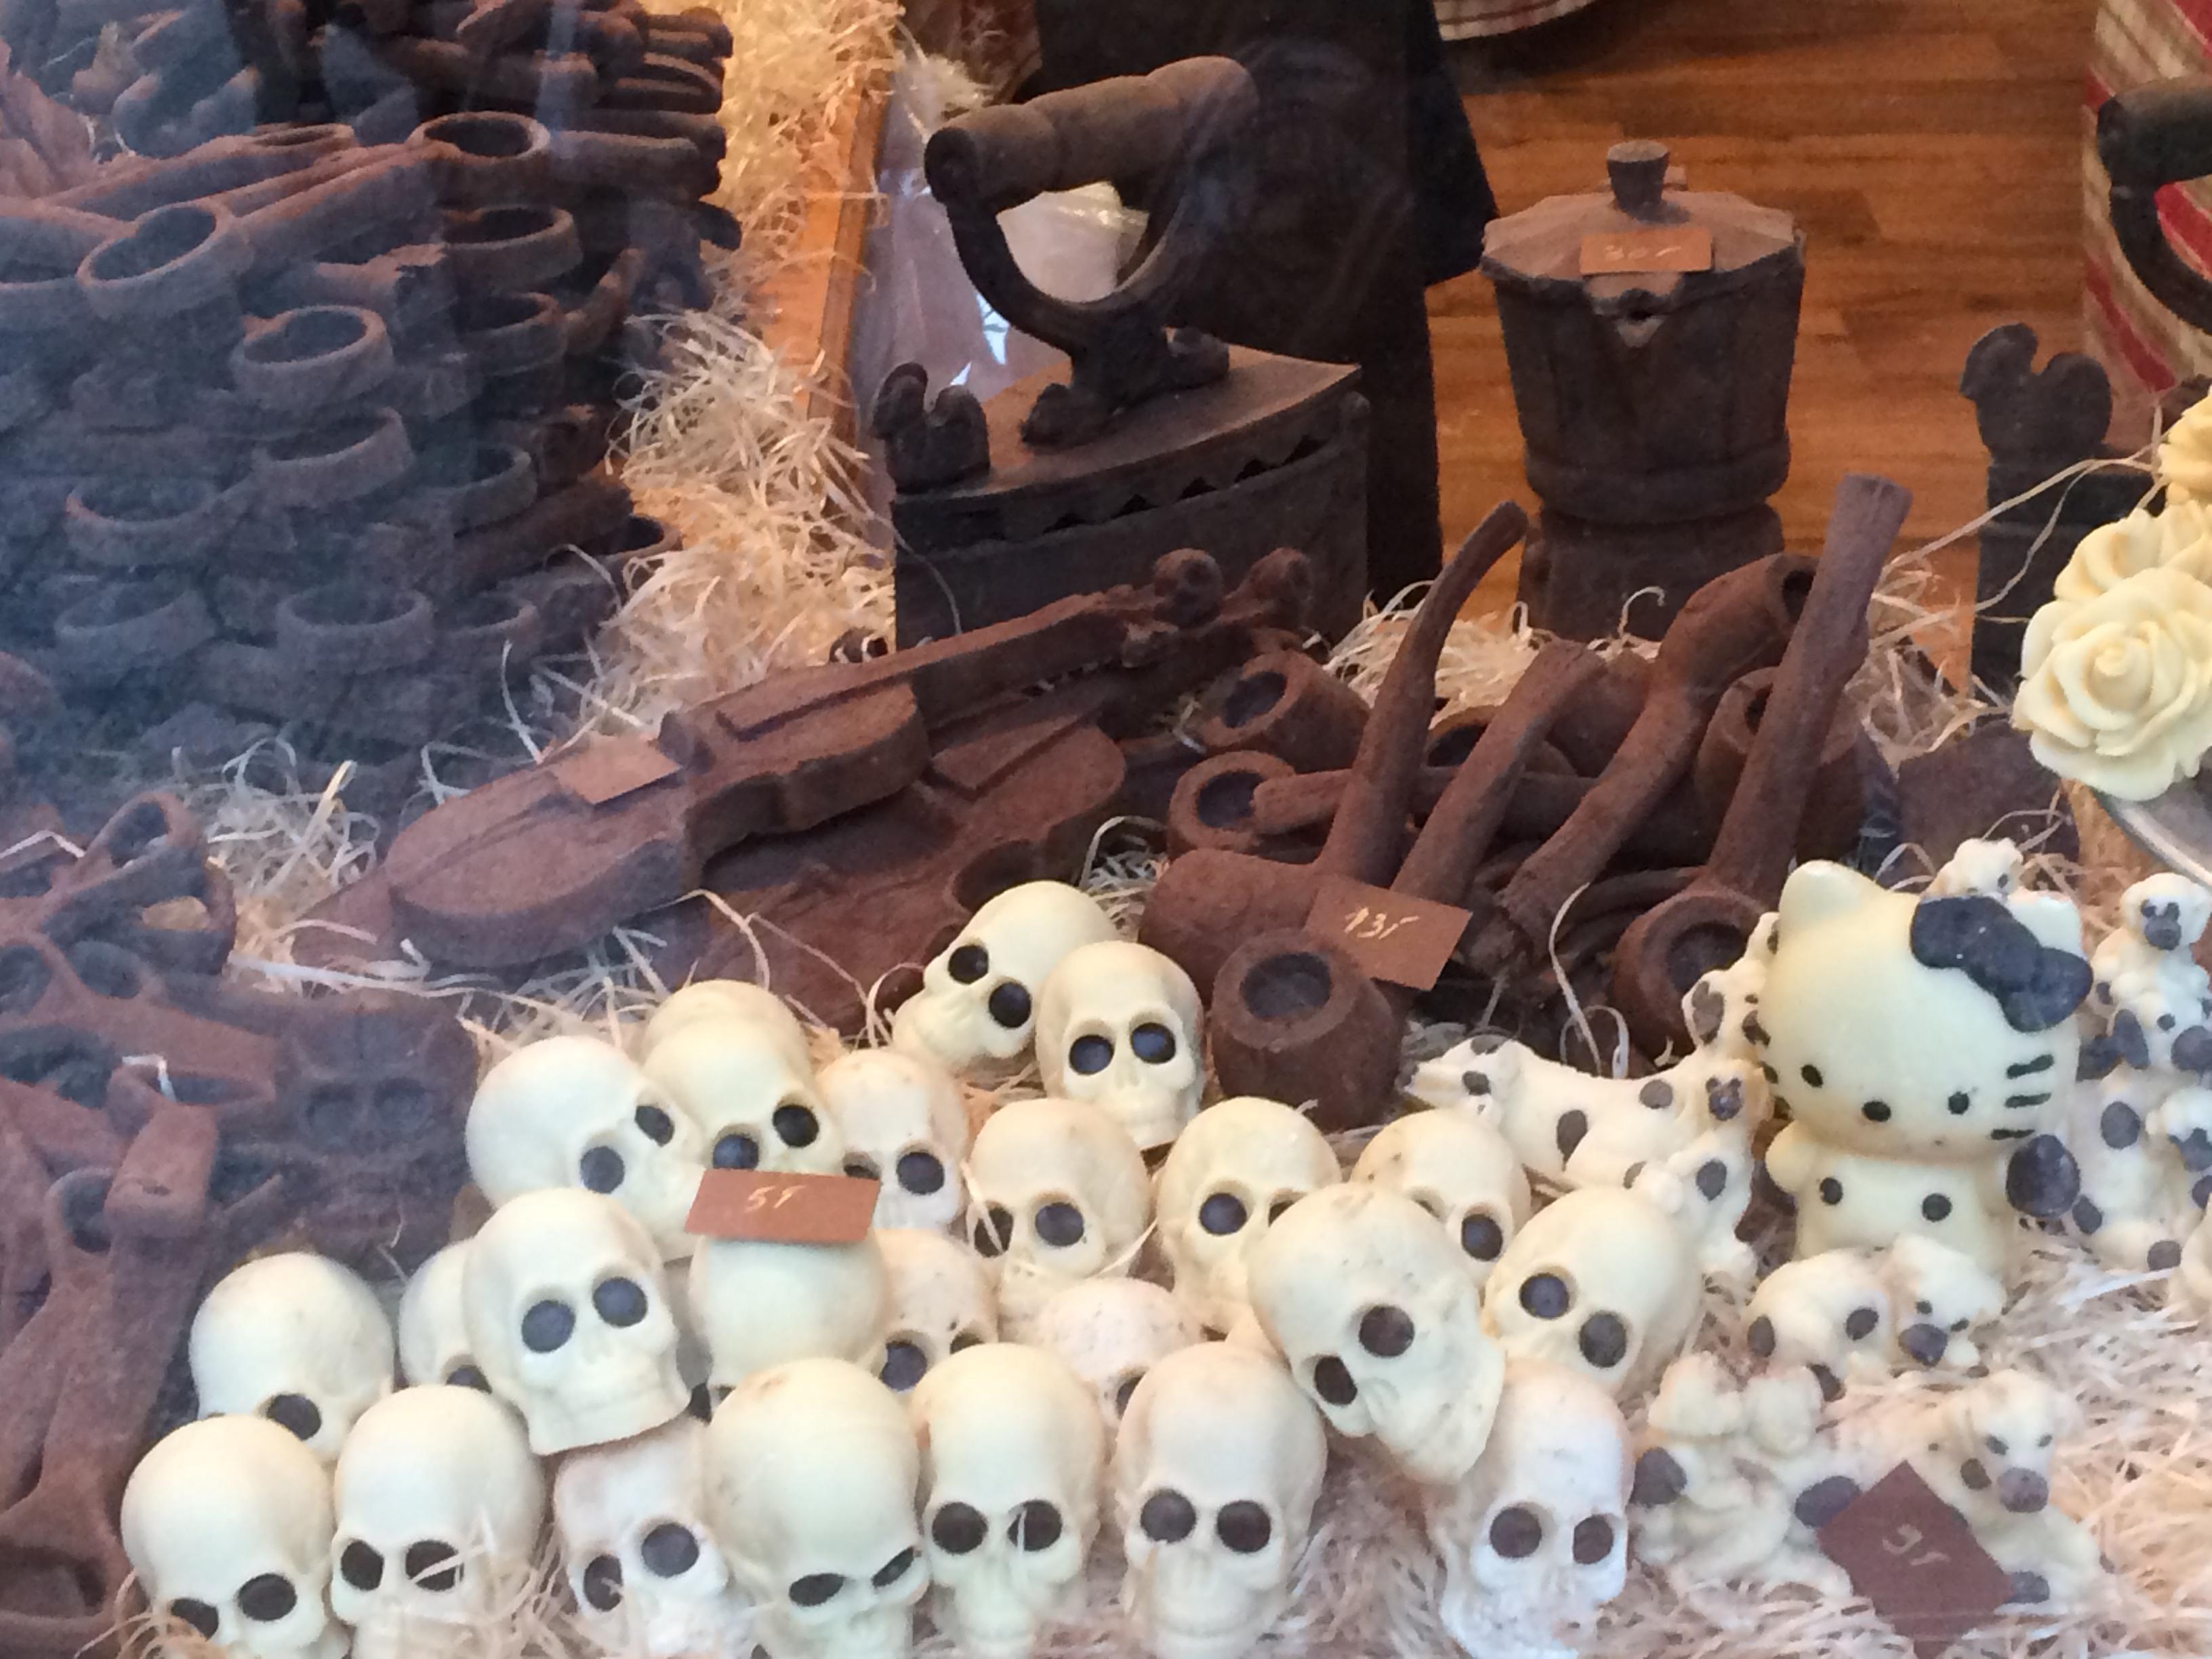 Művészet és csokoládé. A képen minden csokiból készült, szinte sajnálnám megenni őket. Szinte.